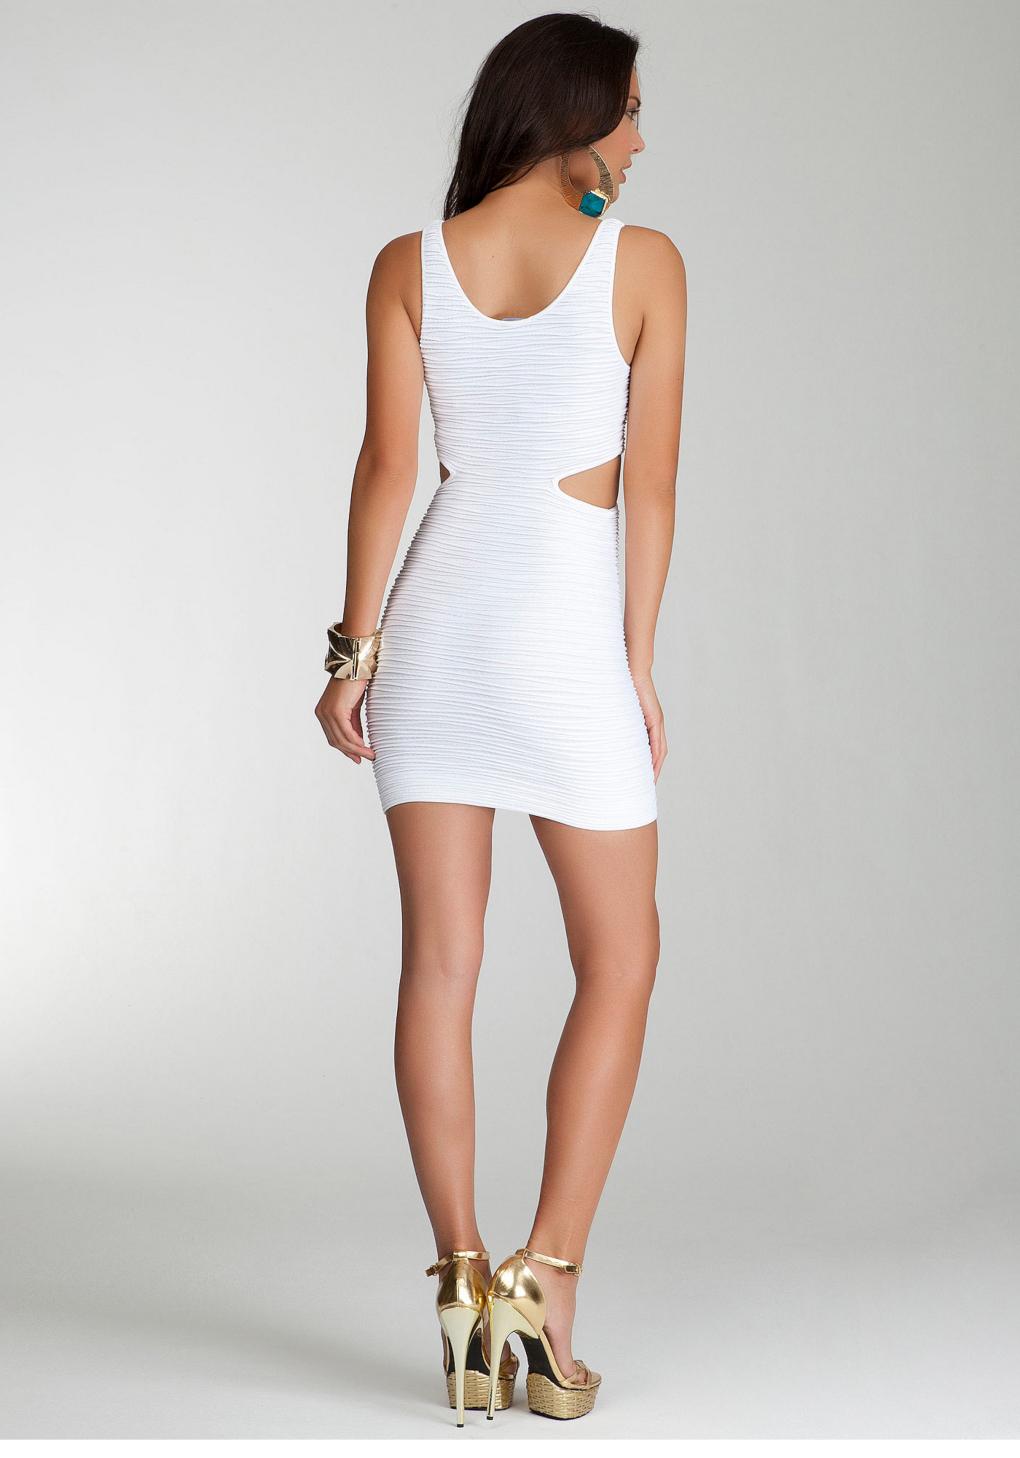 Bebe Side Cutout Bodycon Tank Dress In White Lyst